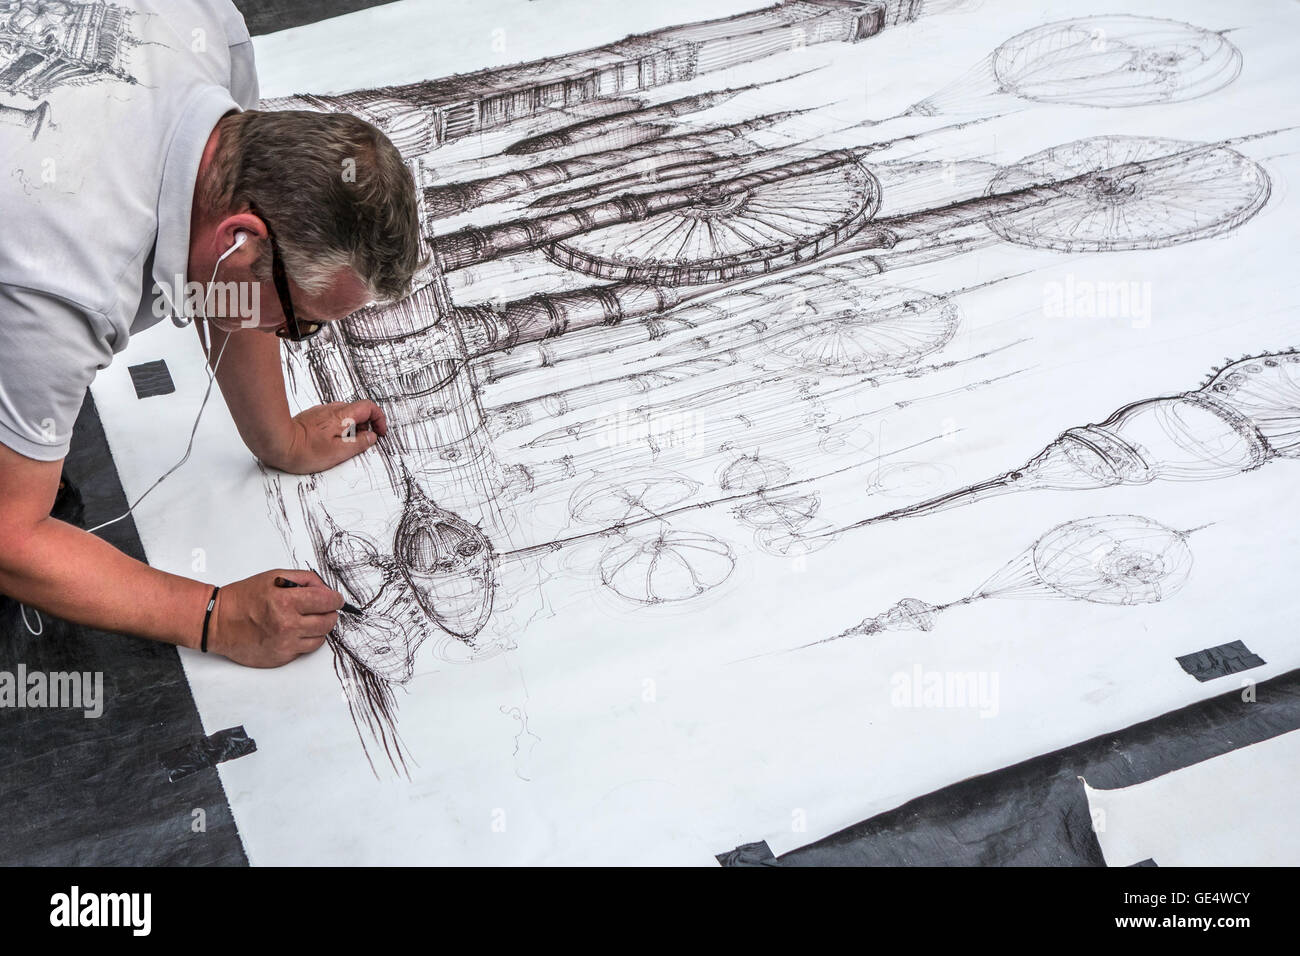 Artiste de rue, un dessin noir et blanc détaillé des machines imaginaires sur papier couché sur le Photo Stock